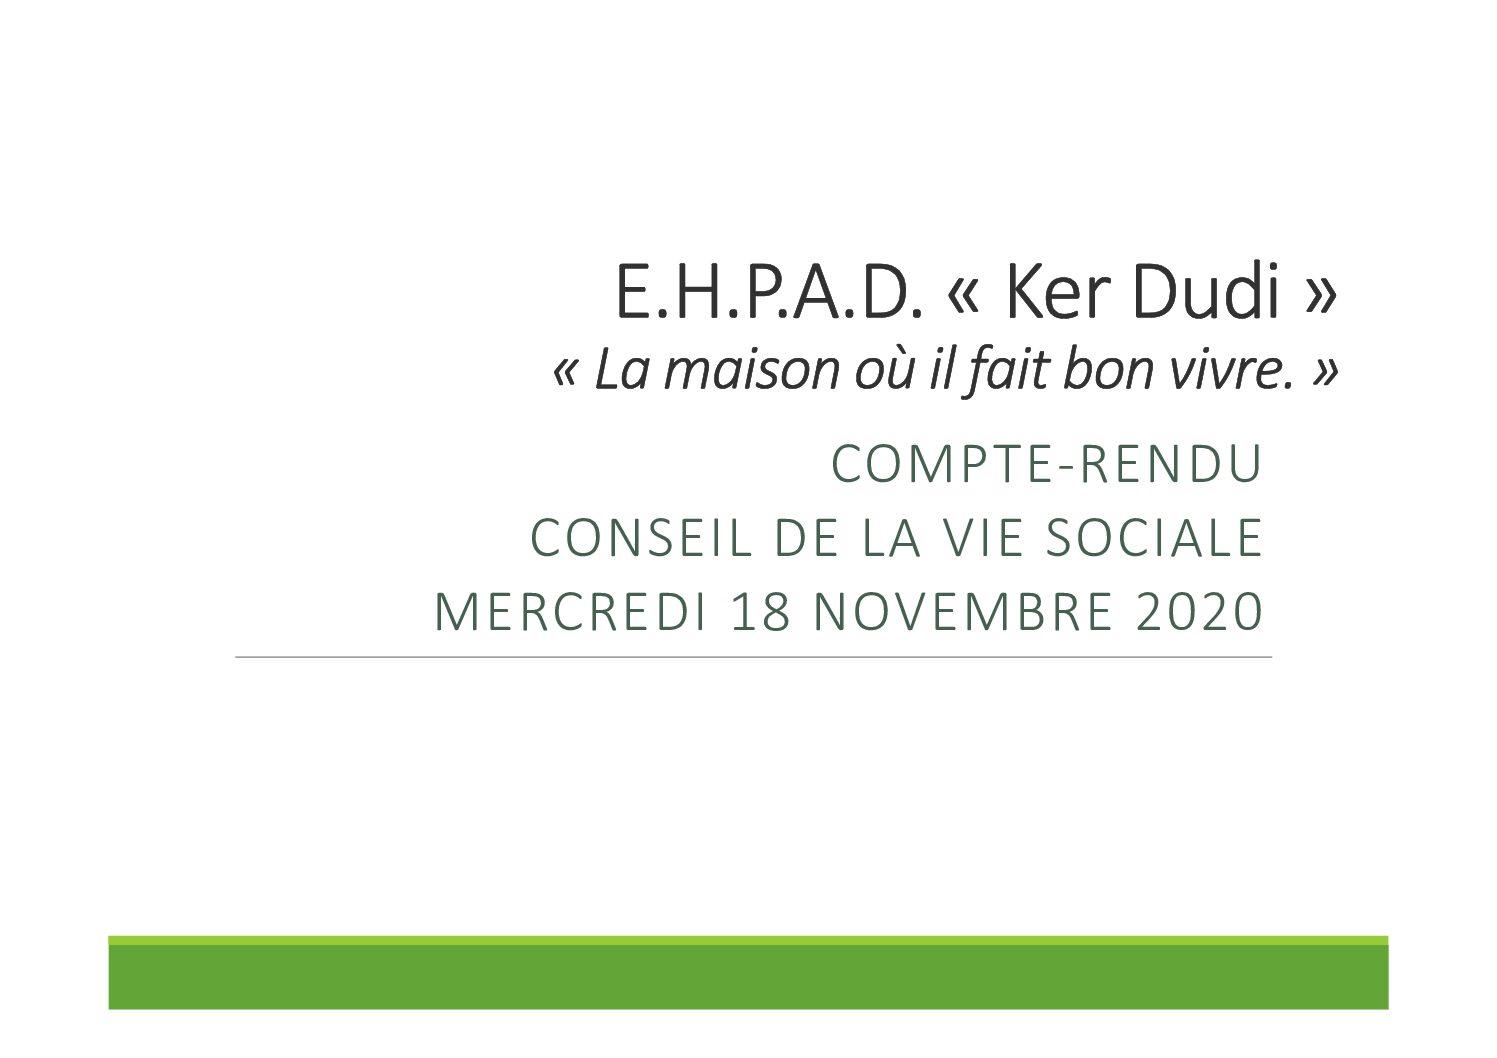 Compte rendu Conseil de la Vie Sociale du 18/11/2020